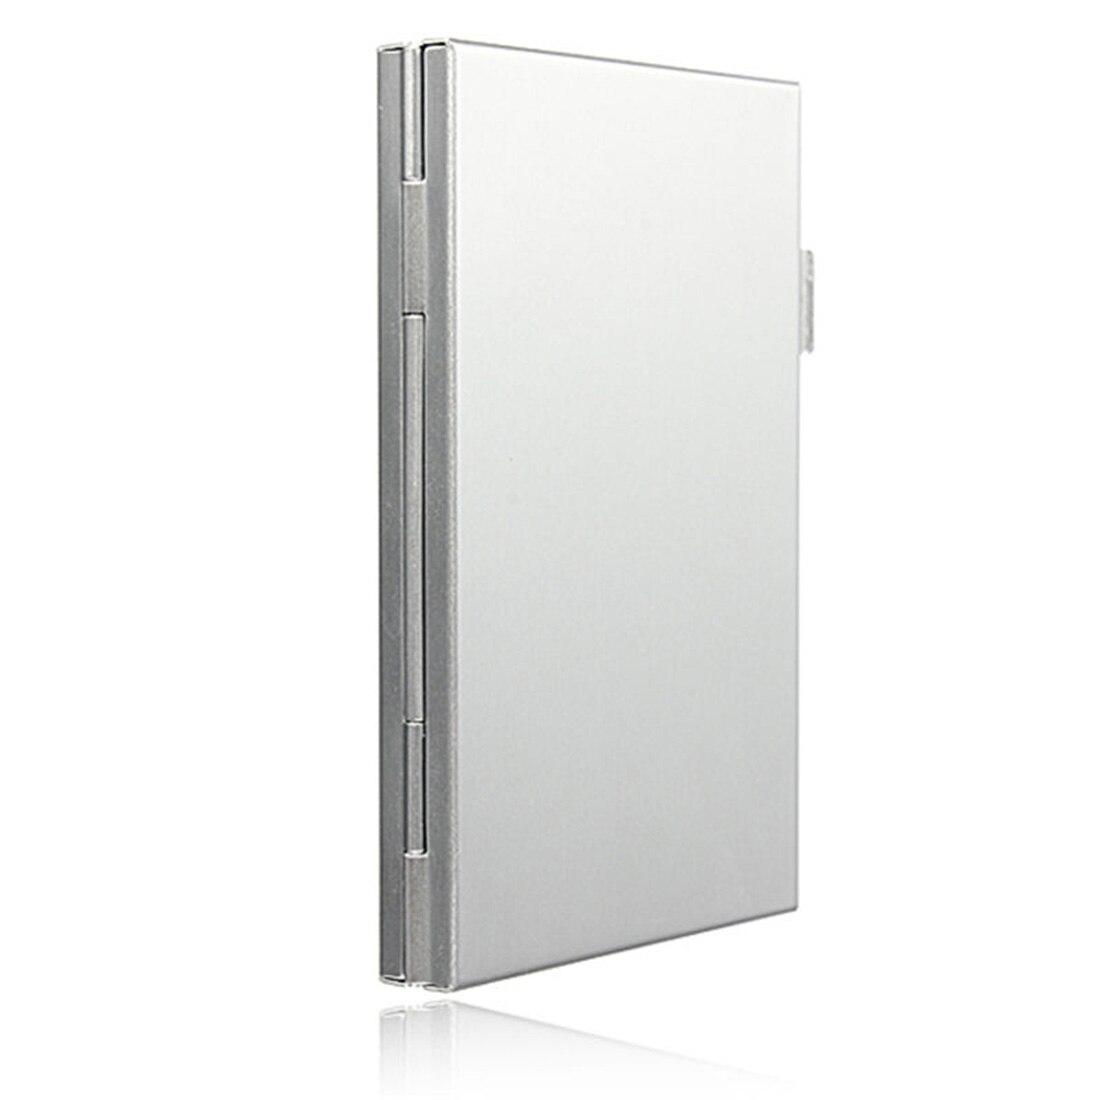 Image 5 - NOYOKERE Высокое качество 6 слотов двойной стол алюминиевый ящик для хранения для SD SDHC SDXC MMC чехол для держателя карты памяти протектор-in Чехлы для карт памяти from Компьютер и офис on AliExpress - 11.11_Double 11_Singles' Day